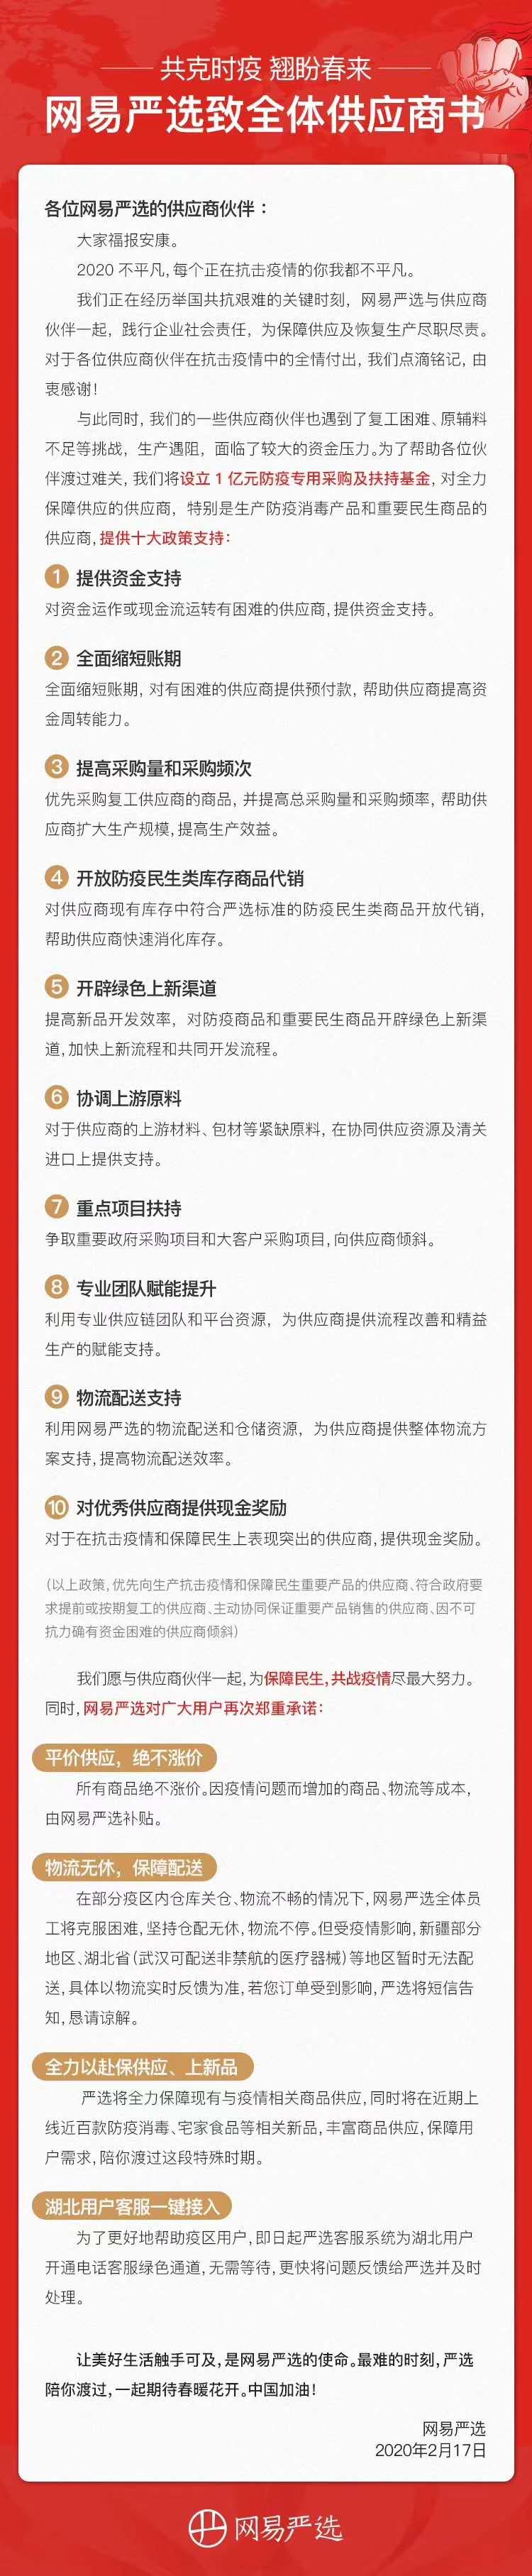 电商人才网直击——网易严选致供应商书:1亿基金及10大政策